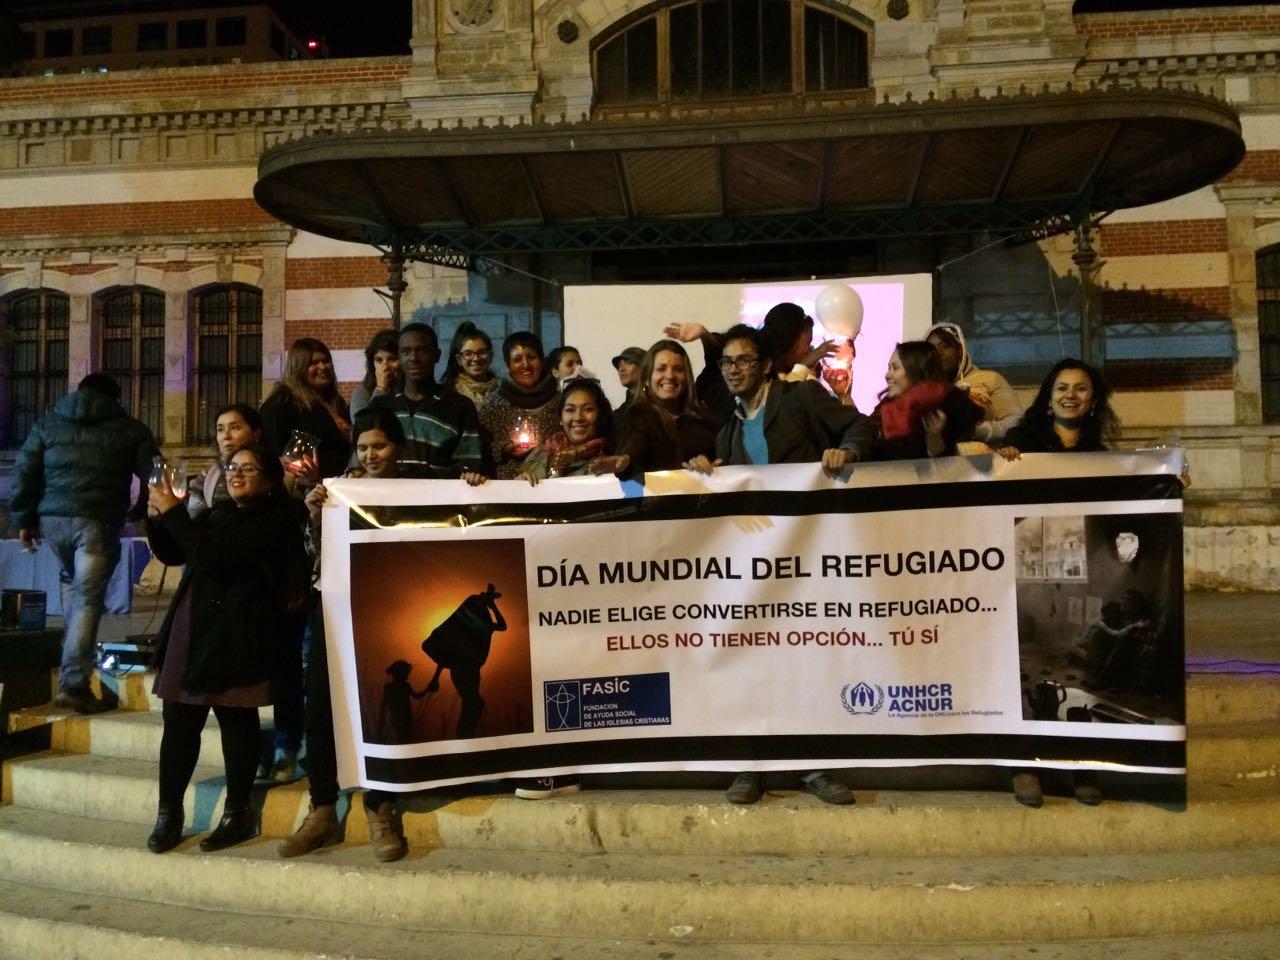 CONMEMORACION DEL DIA  MUNIDAL DEL REFUGIADO EN LA XV REGION DE ARICA Y PARINACOTA